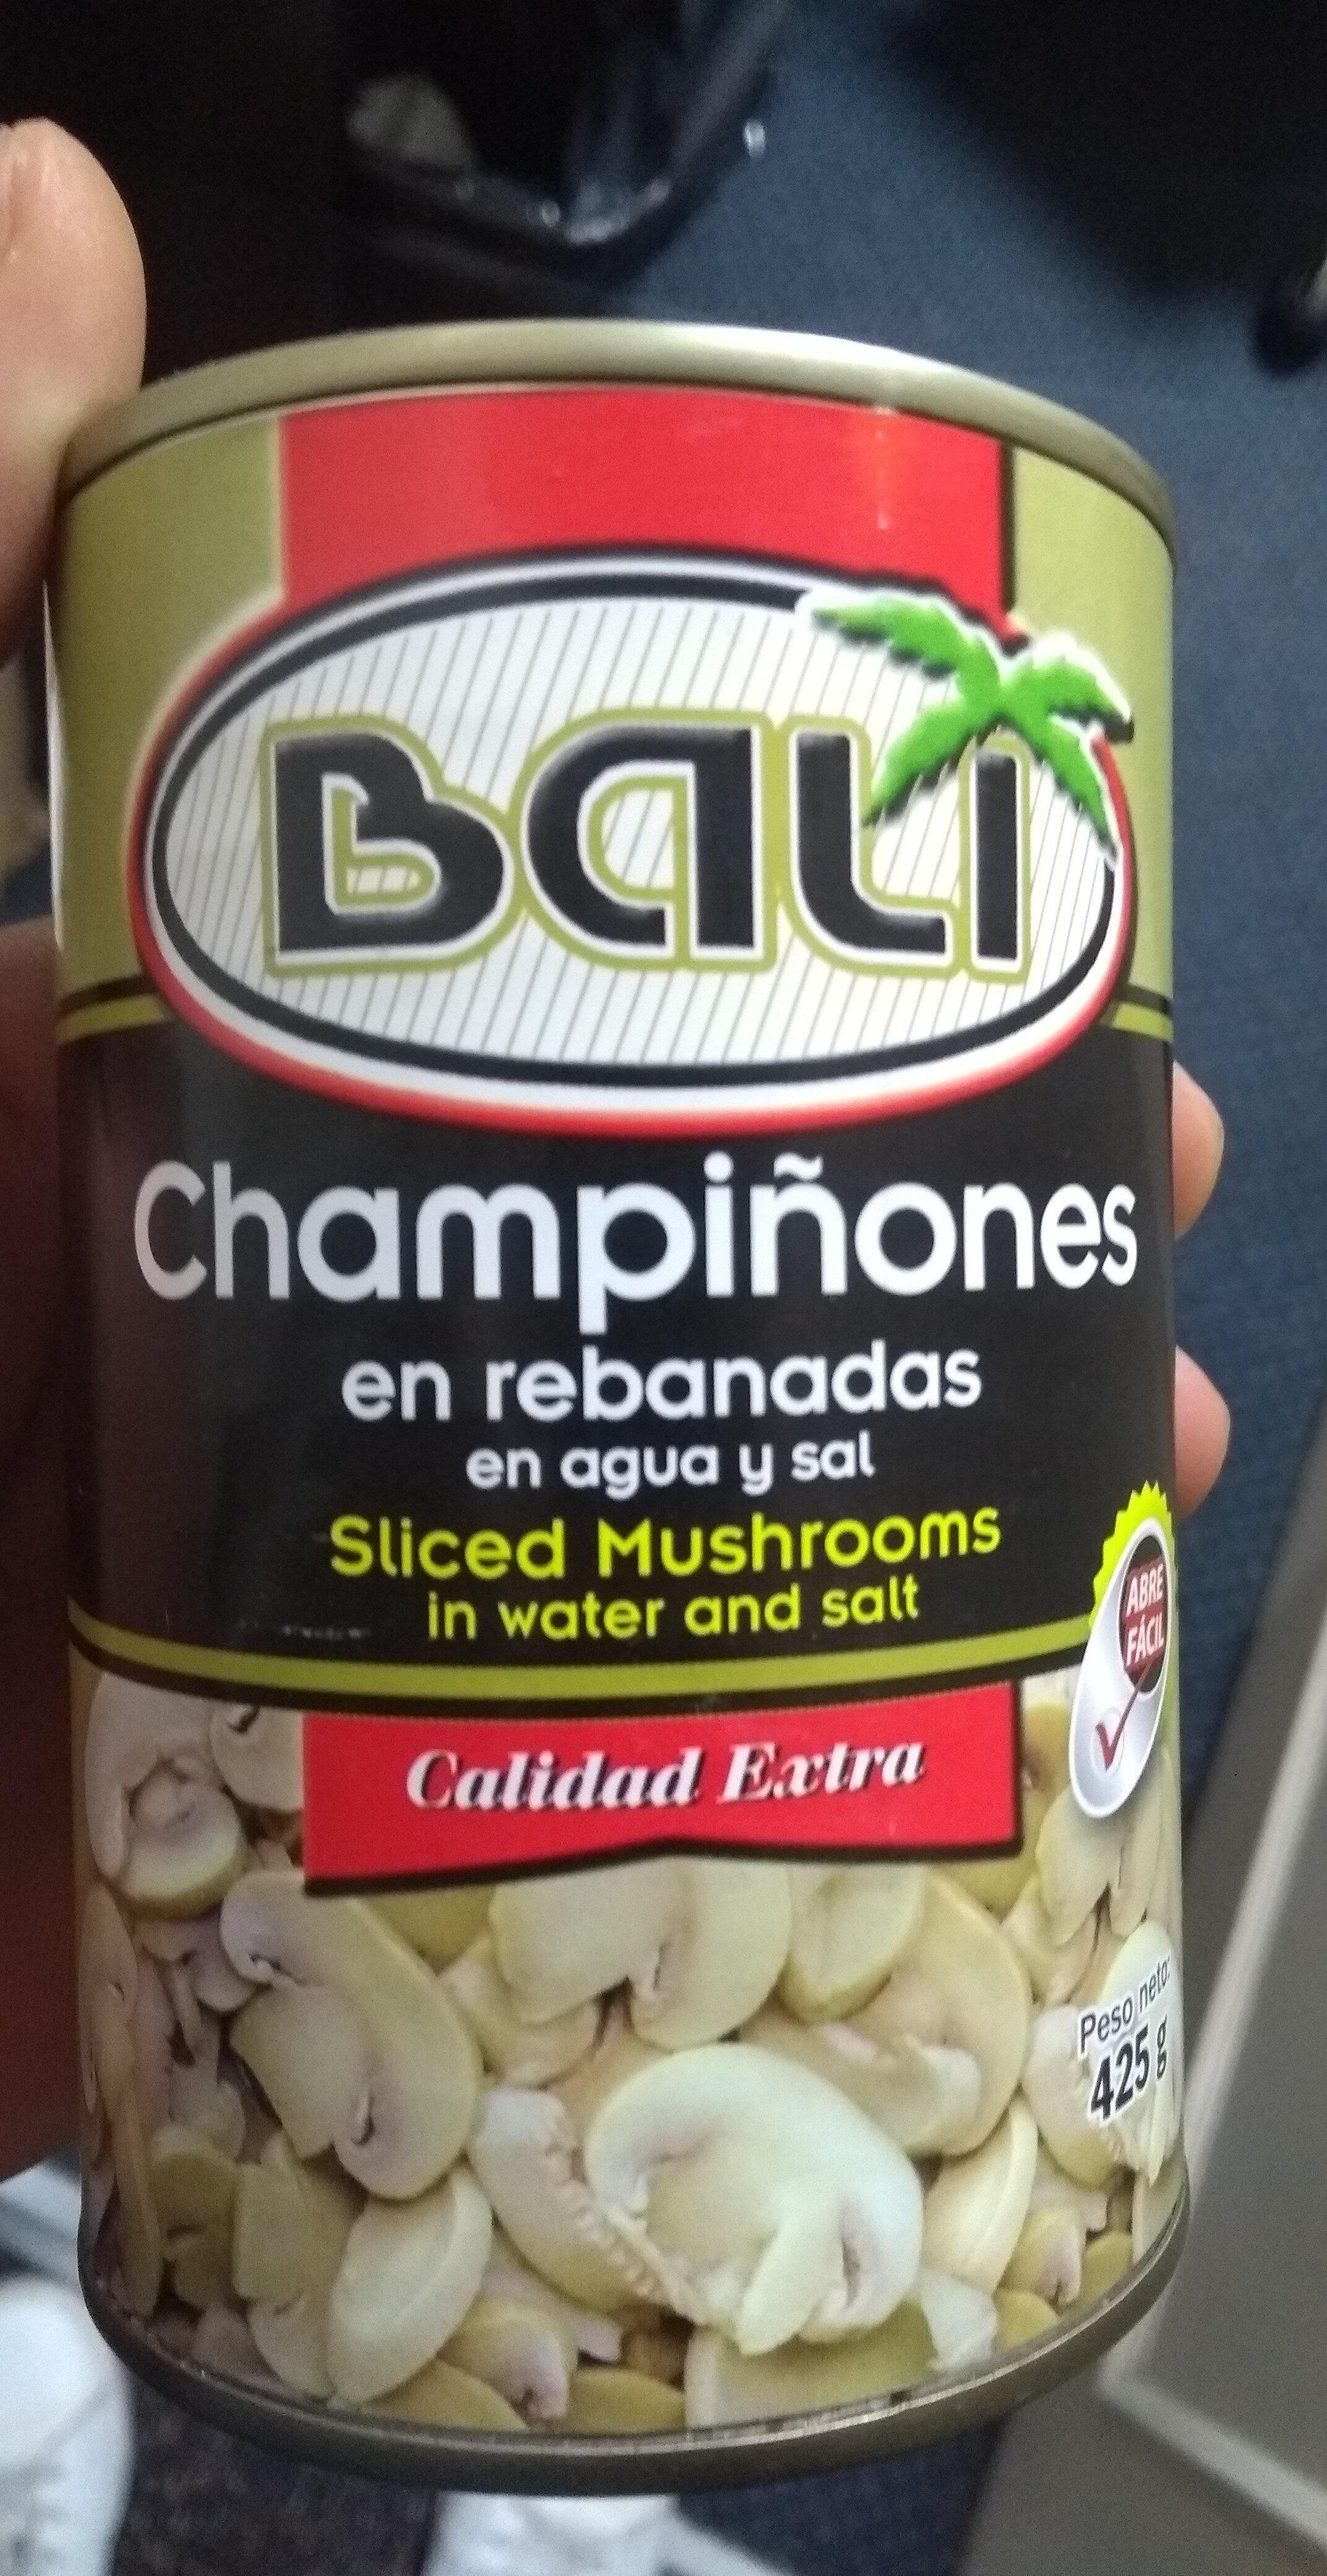 Champiñones en rebanadas en agua y sal - Product - es